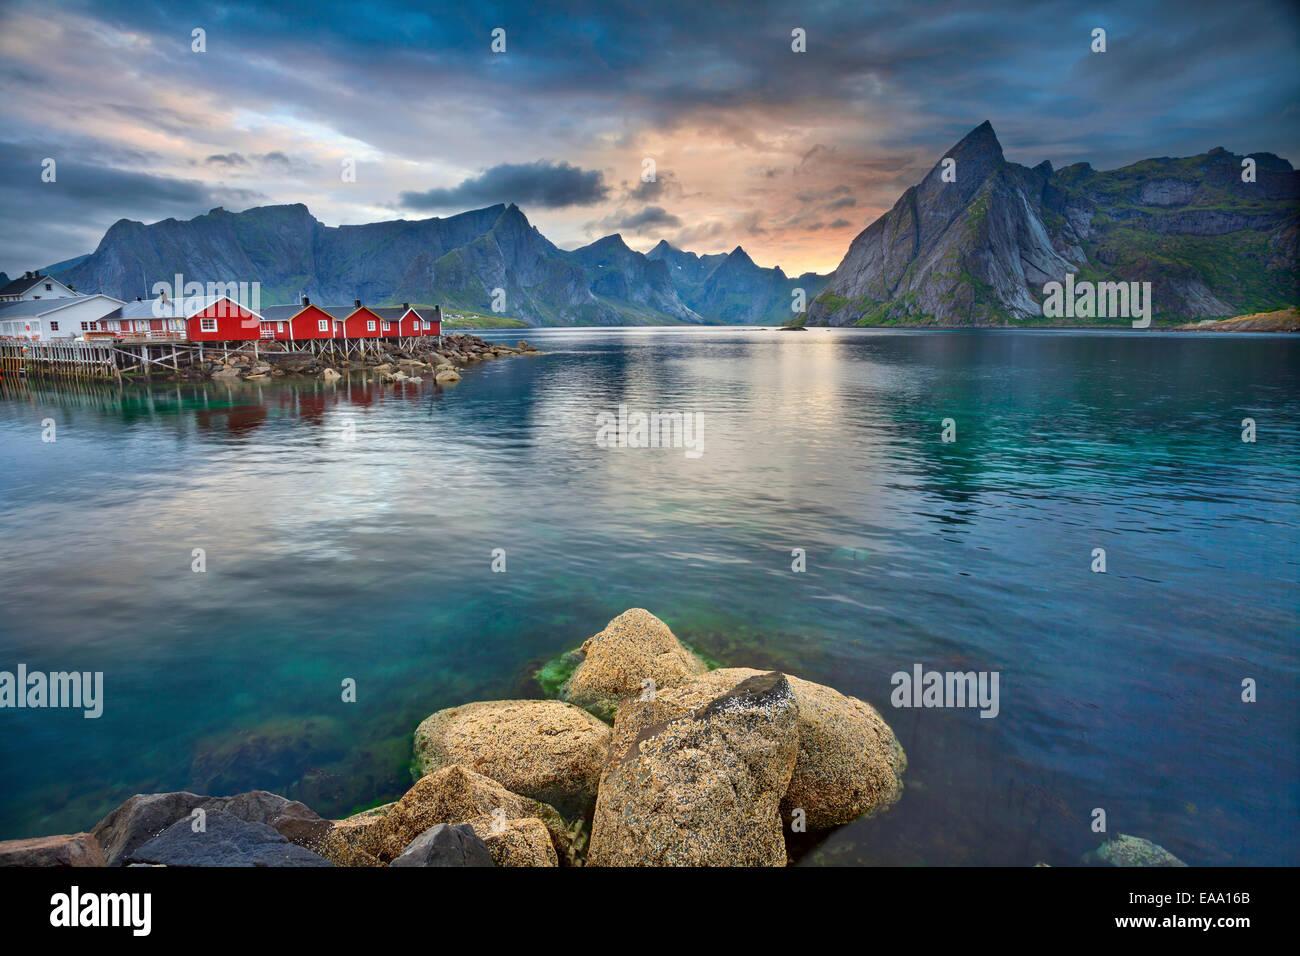 Bild von Lofoten Inseln, Norwegen bei Sonnenuntergang. Stockbild